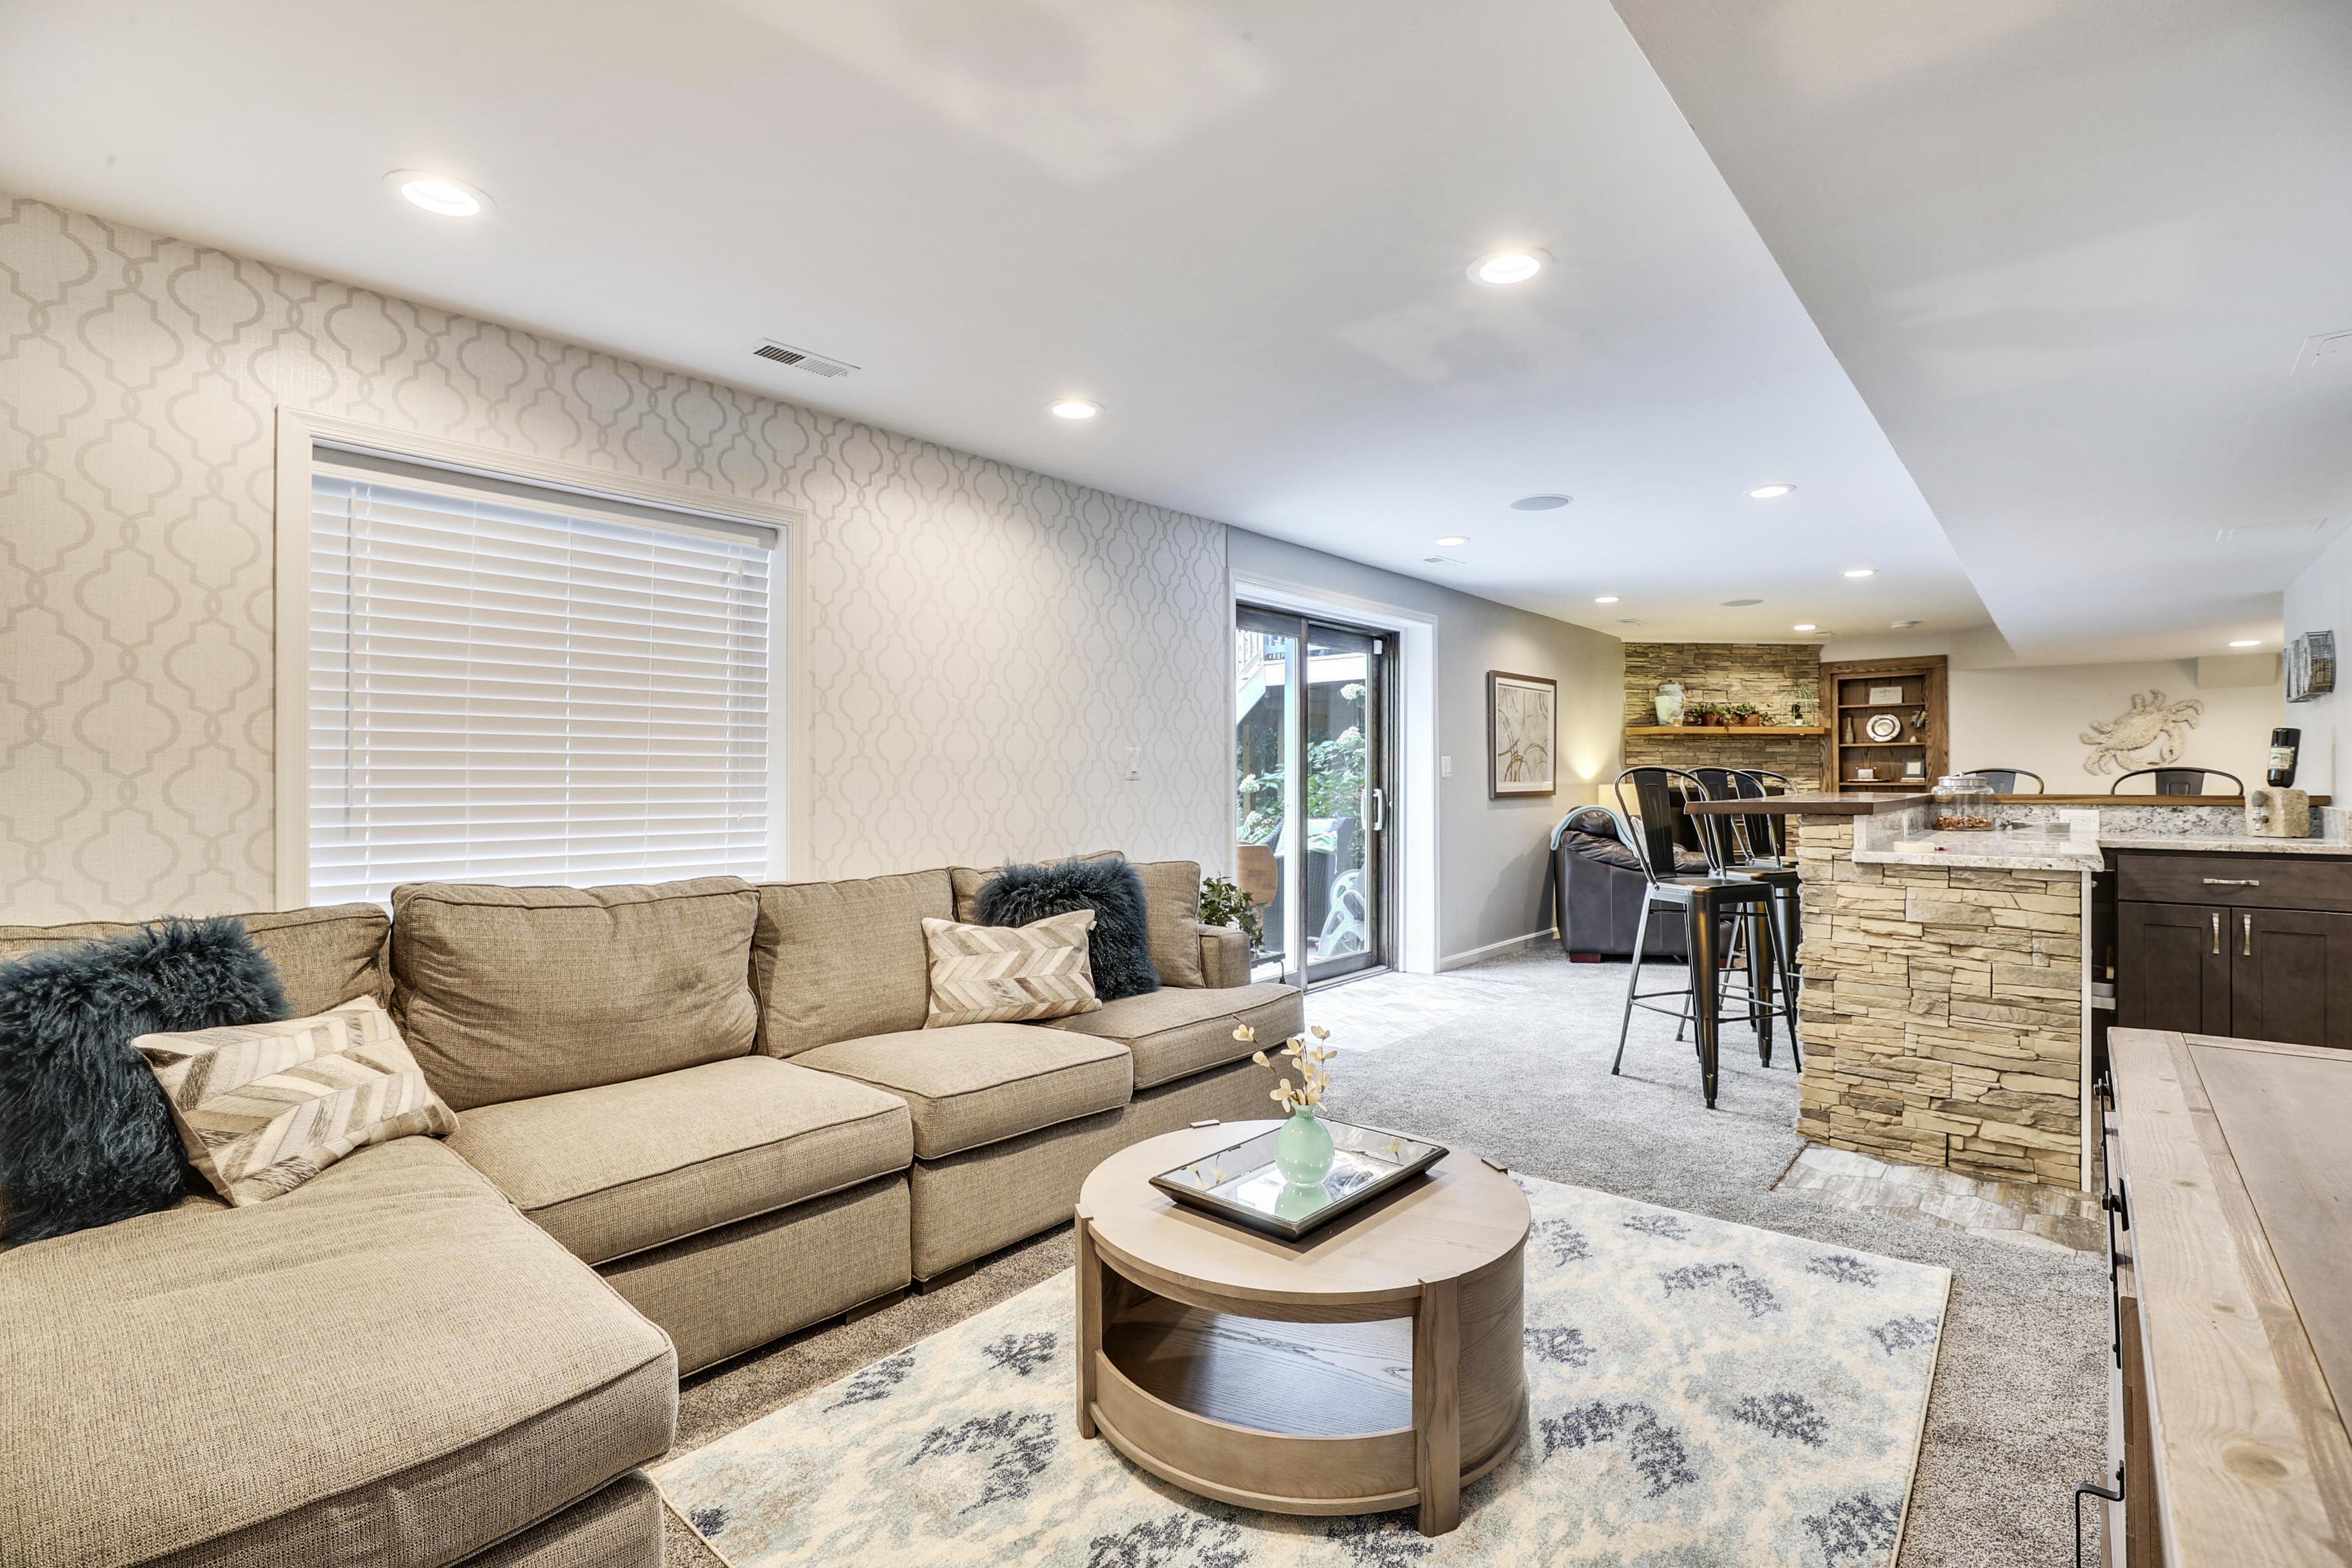 Interior-Sitting Area-12I6867